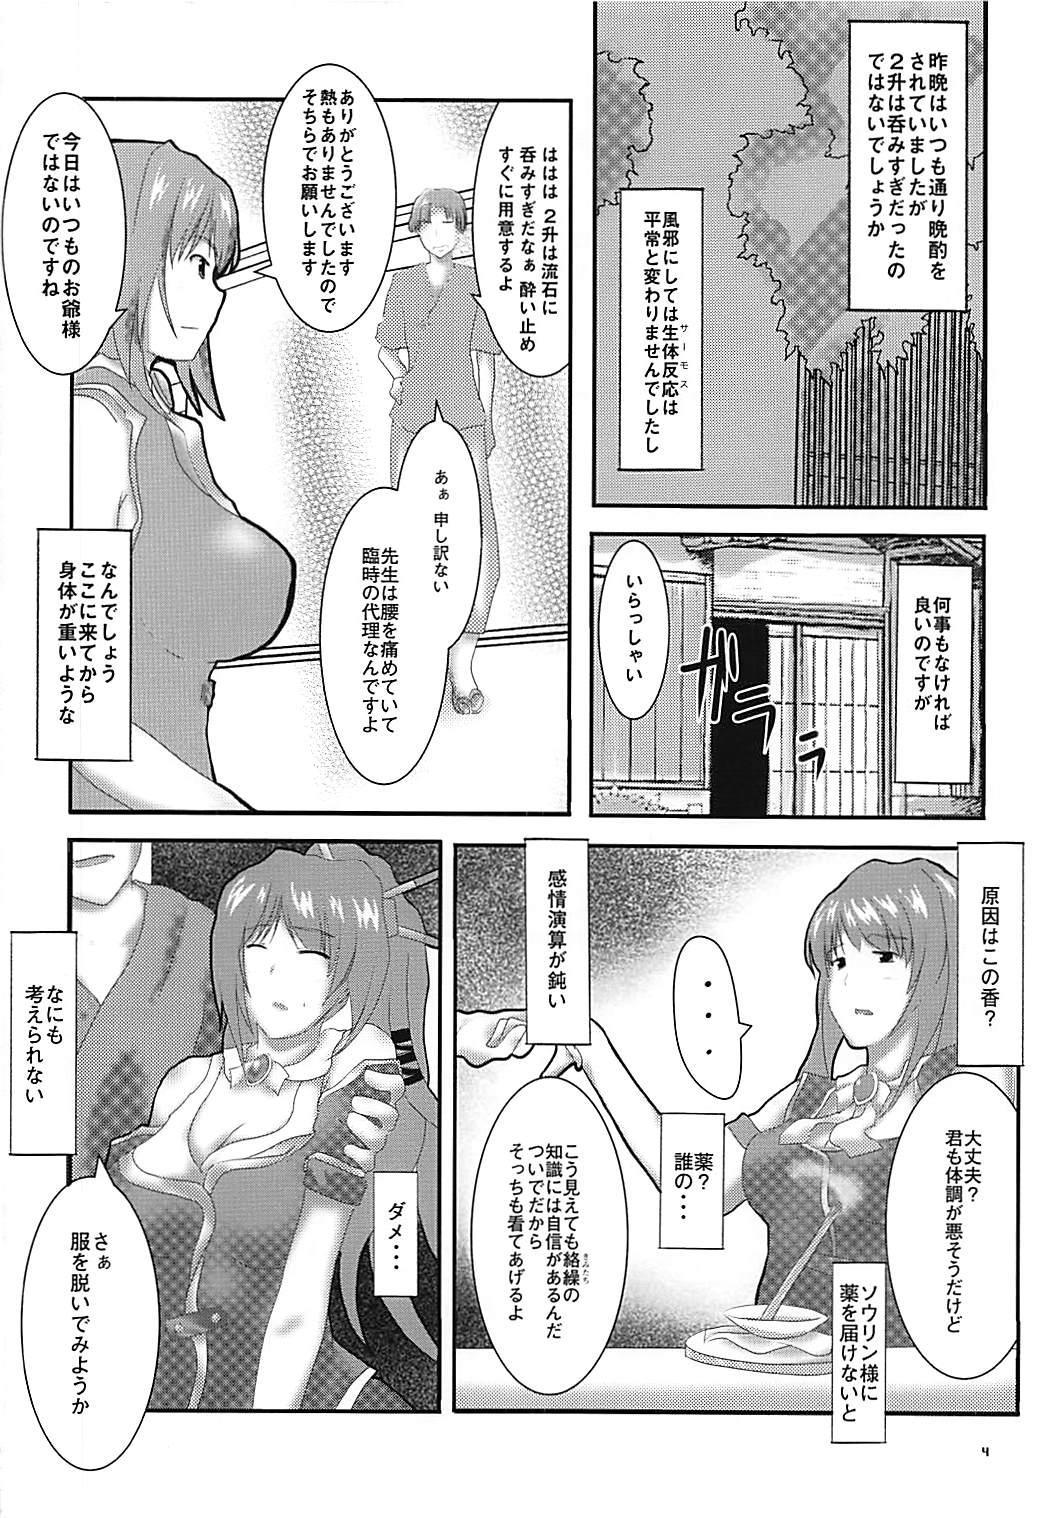 Dousetsu NTR 2